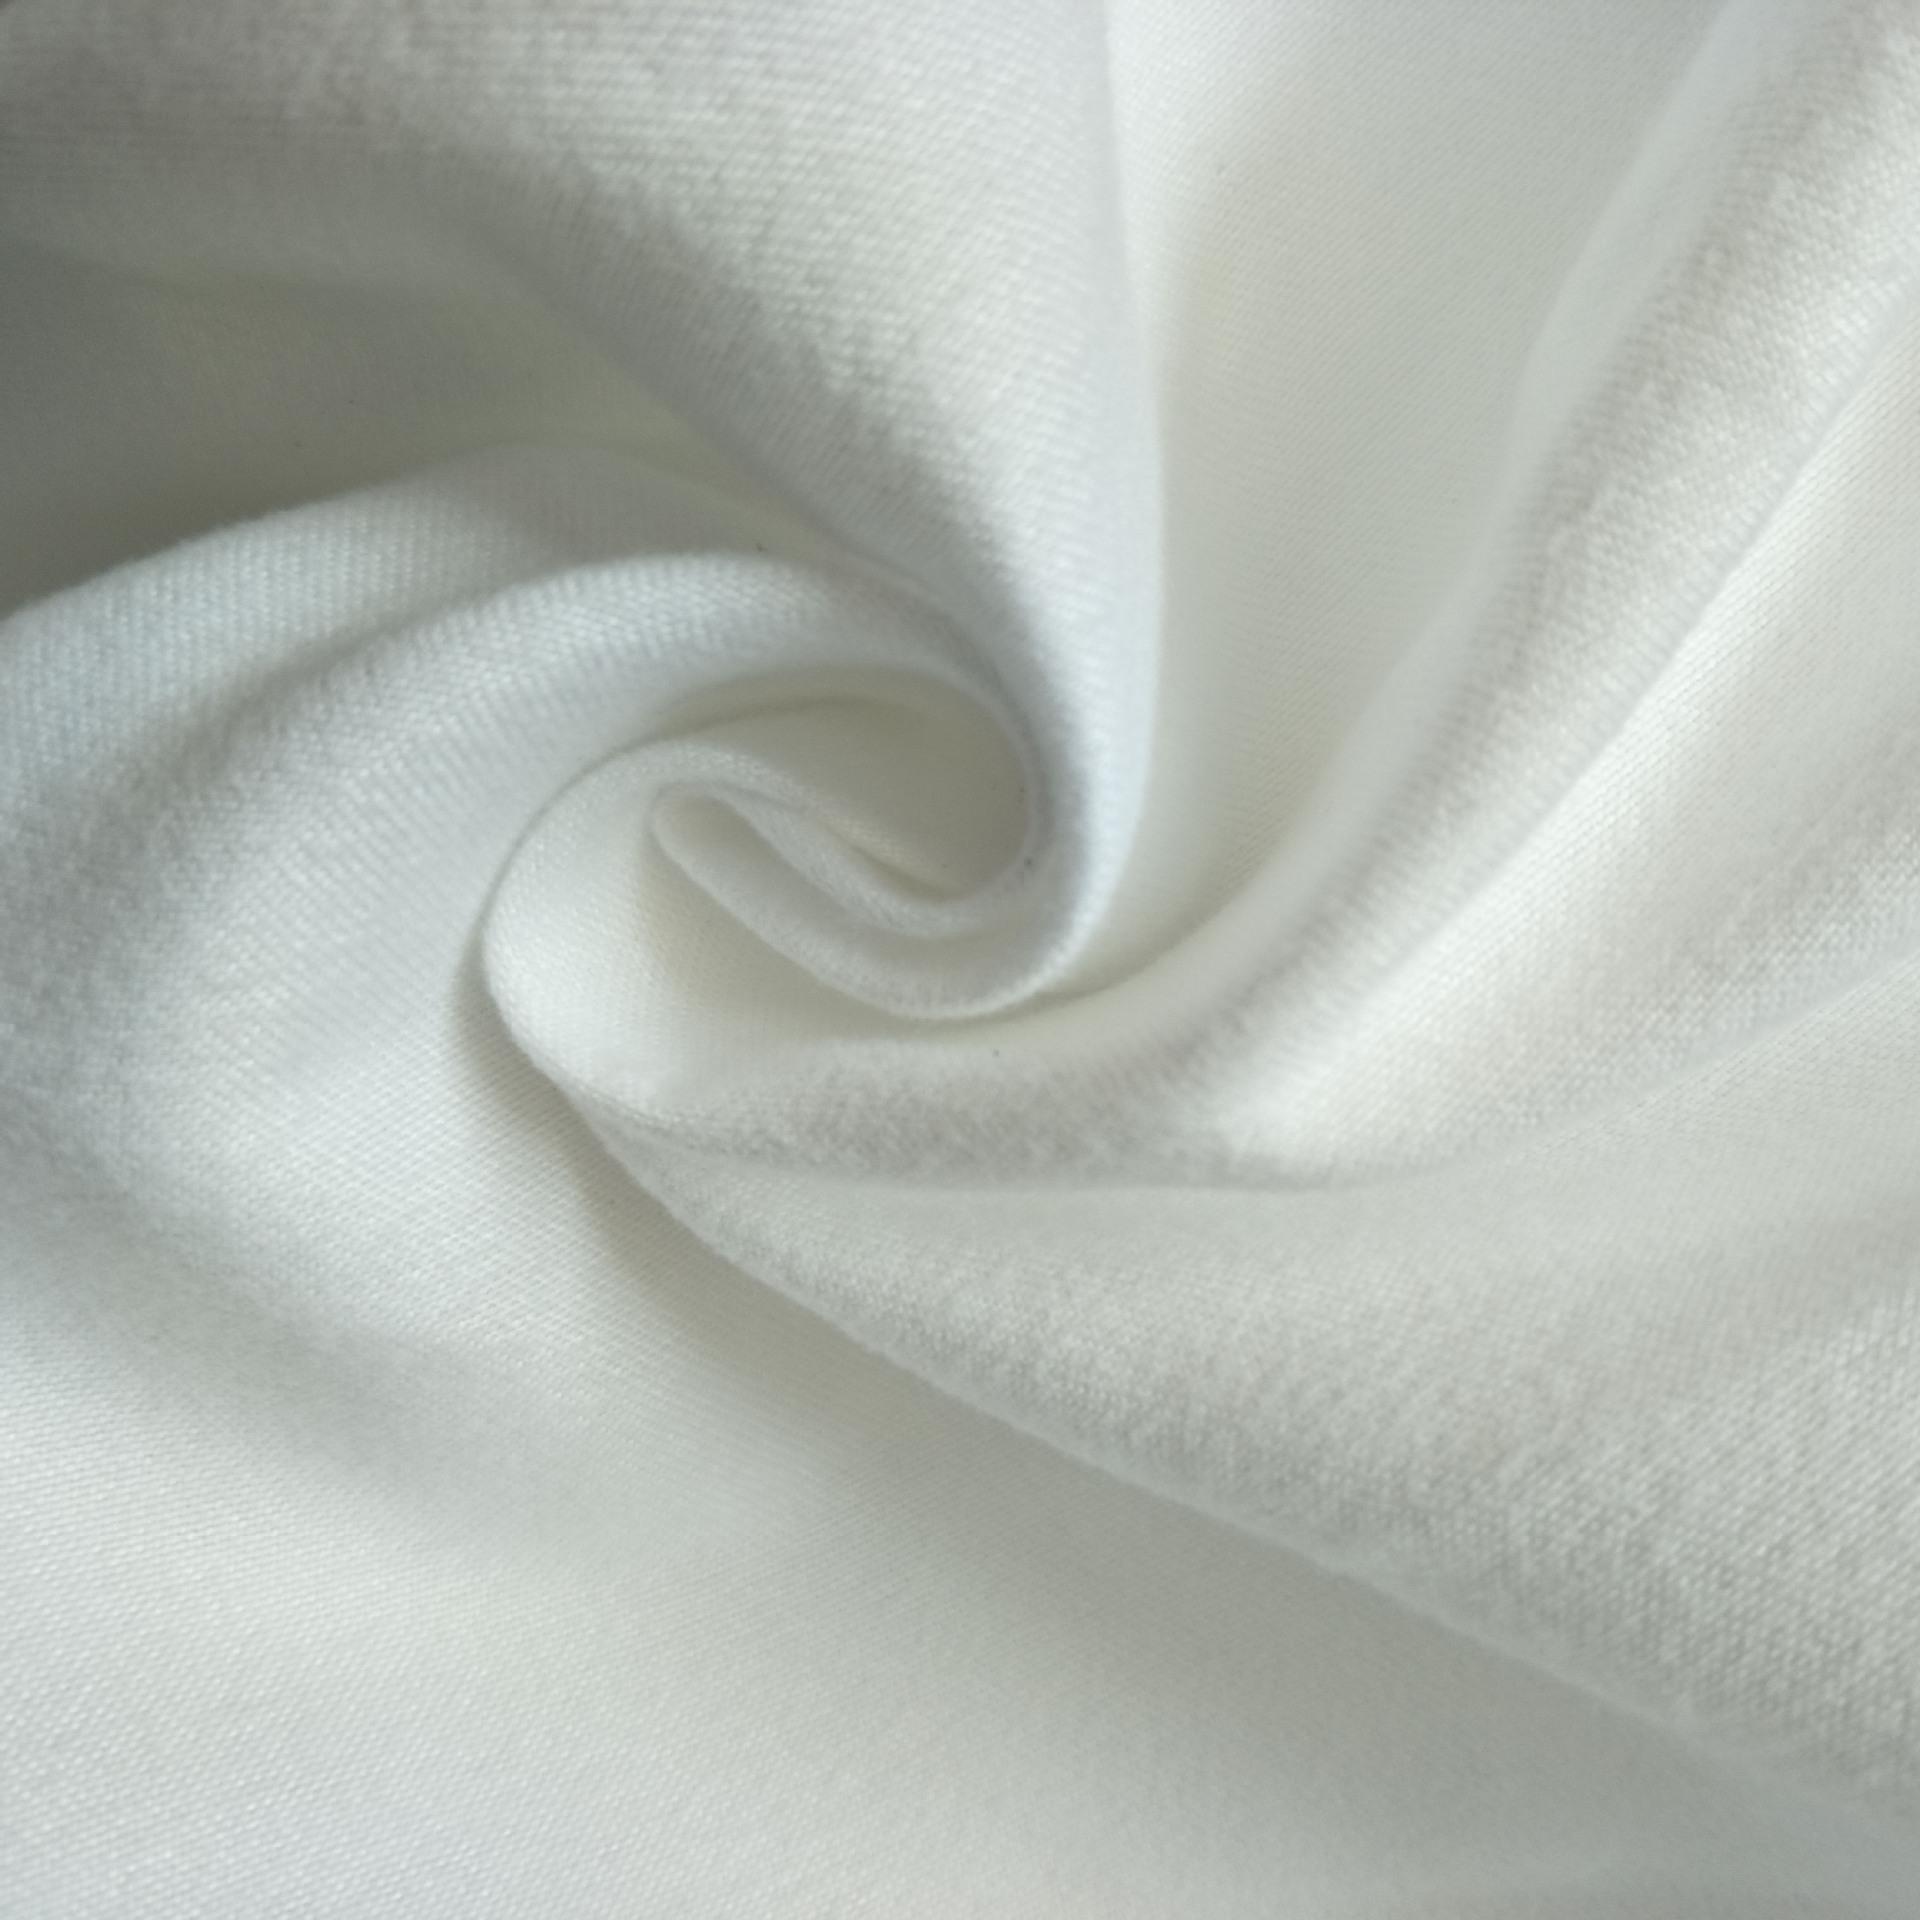 Nhuộm polyester vải, may mặc duy nhất lót, tùy chỉnh- thực hiện sợi tổng hợp màu xám vải 75g * 260 g